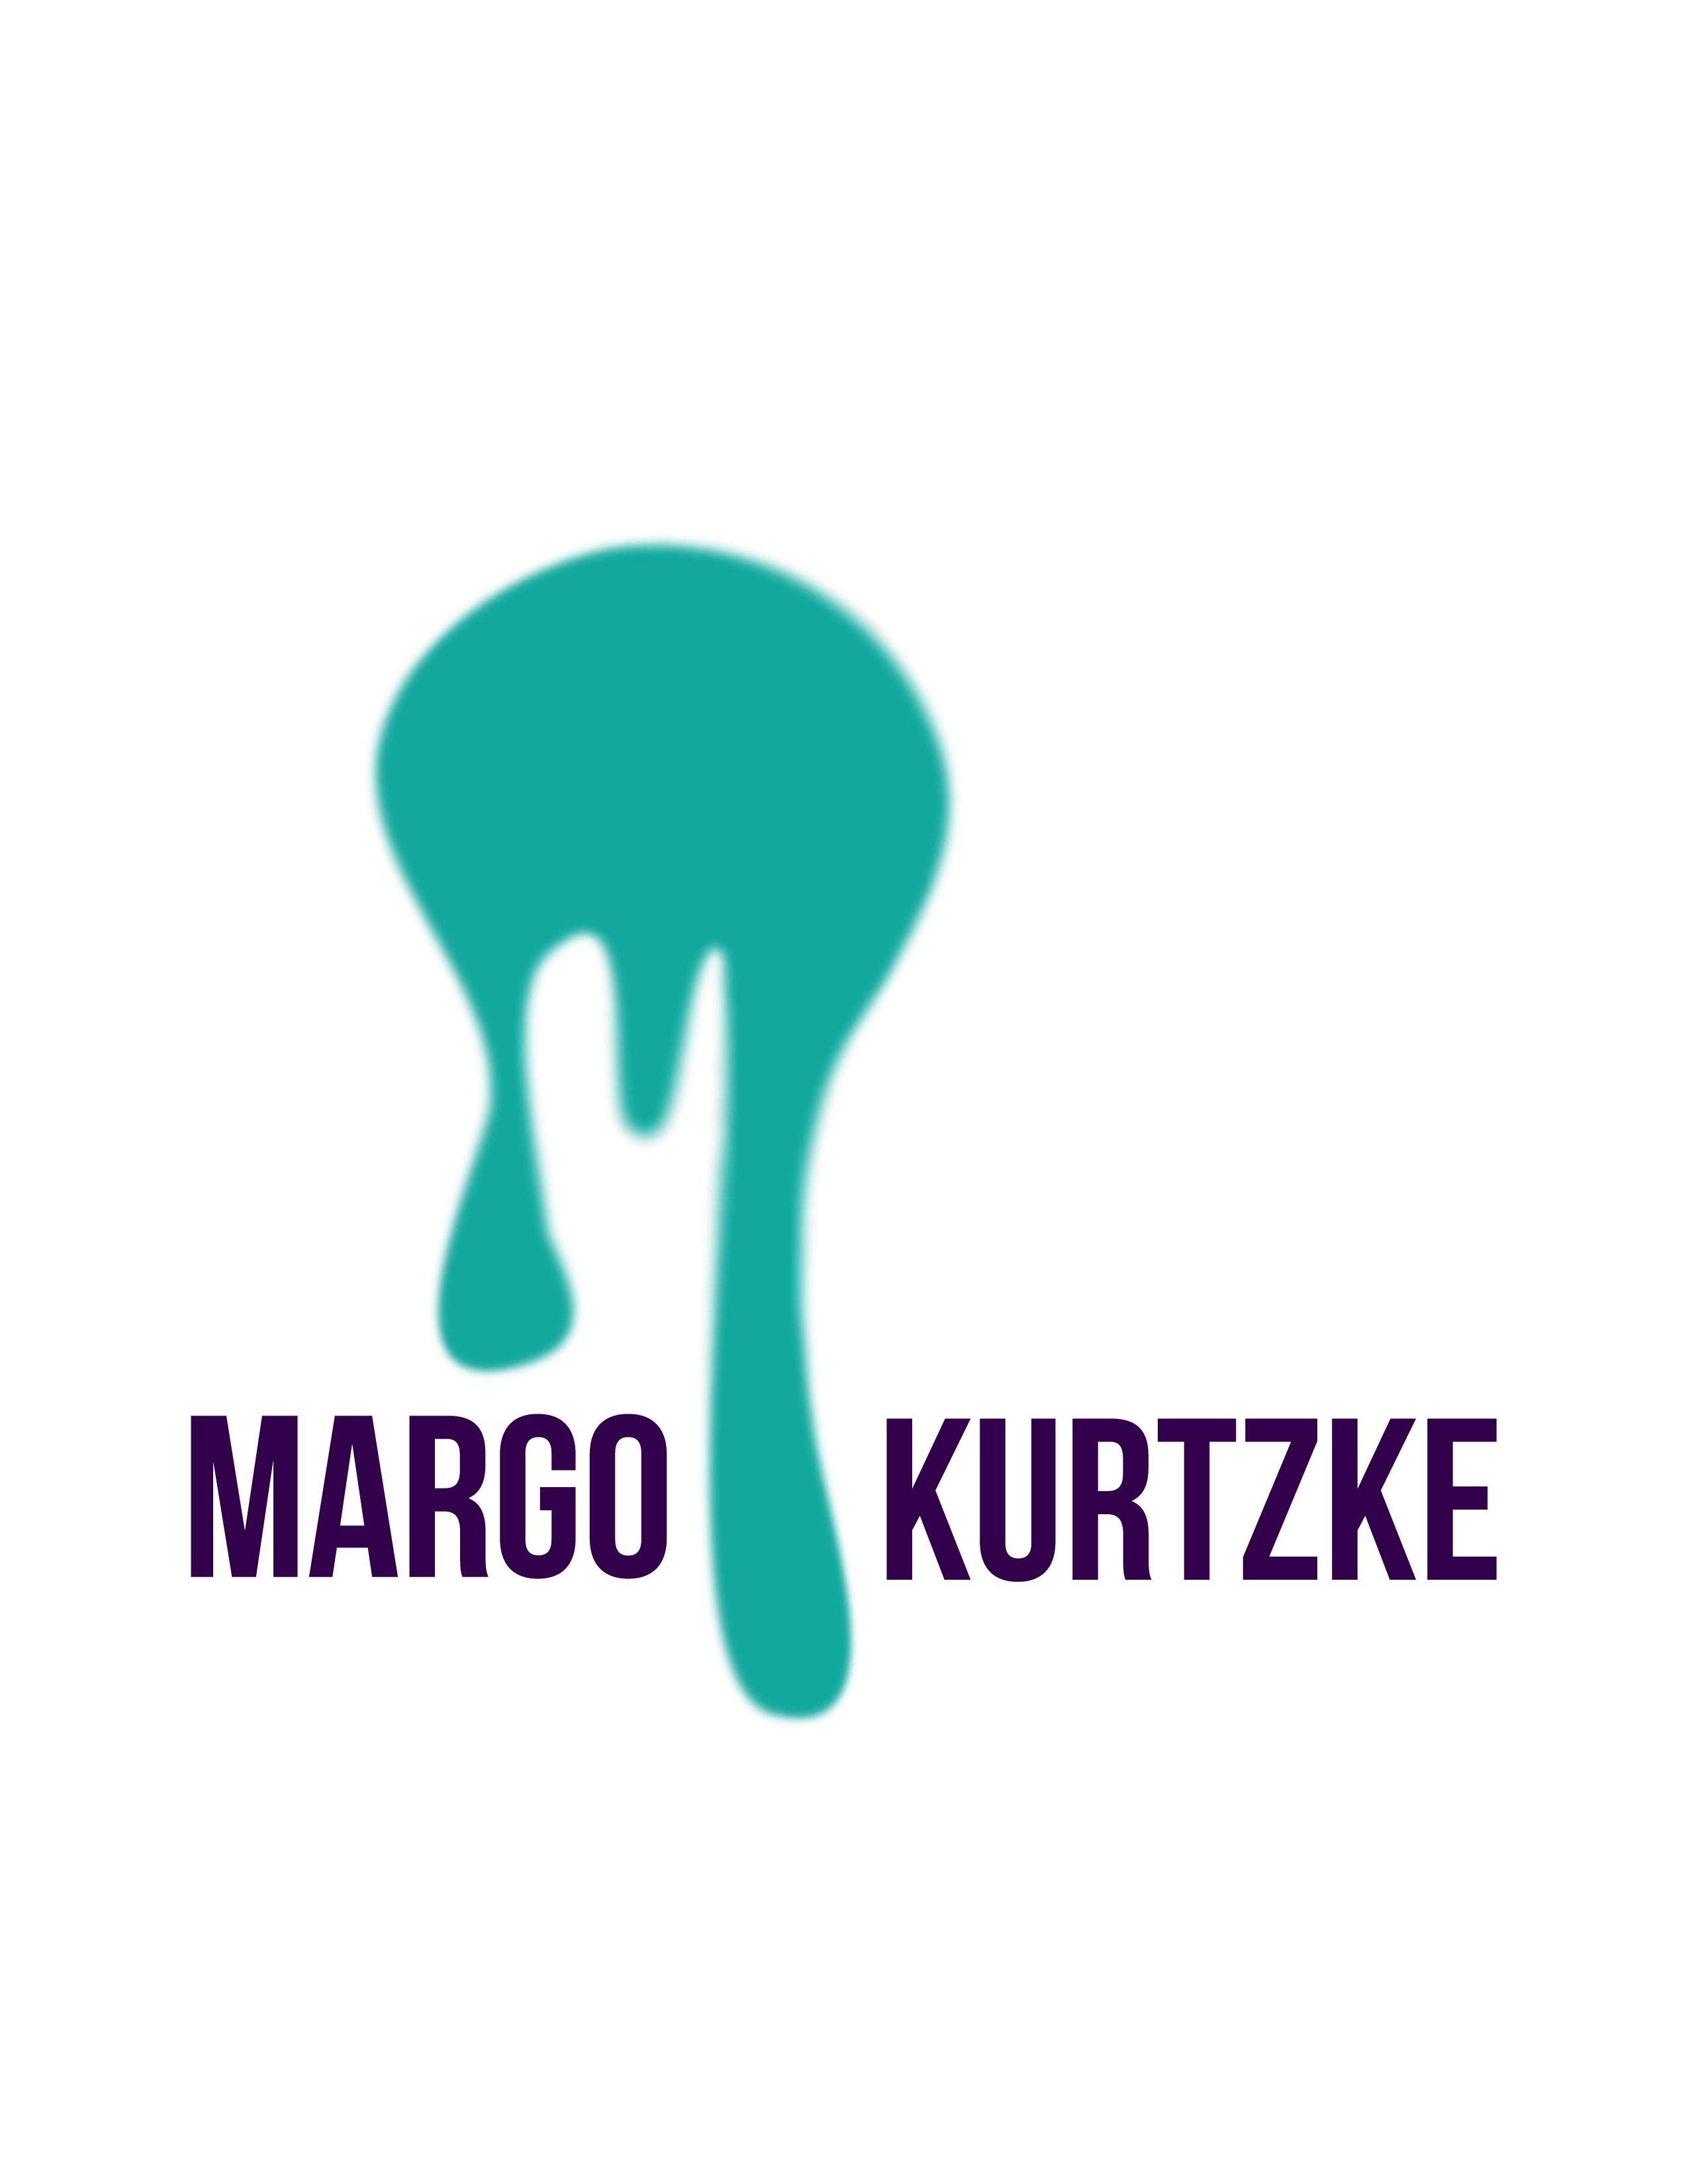 MARGO KURTZKE's Signature